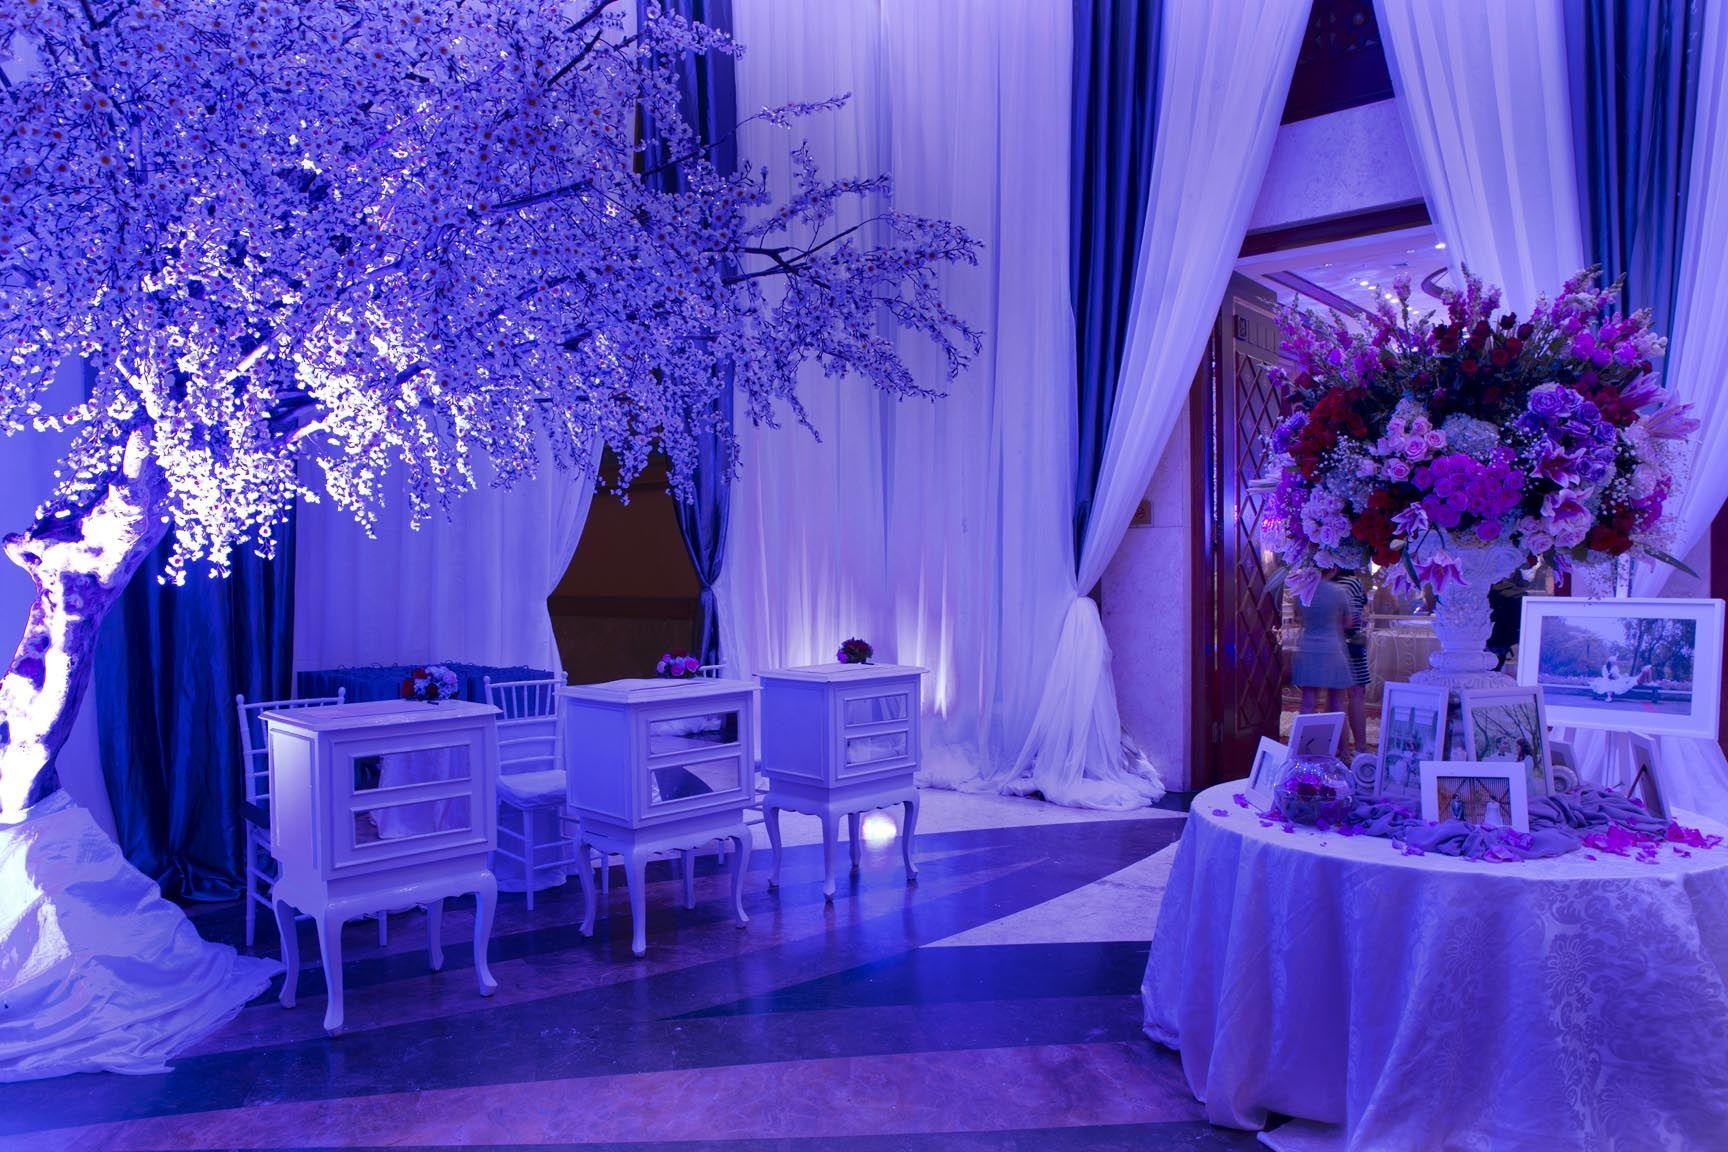 Mawarprada dekorasi pernikahan pelaminan wedding decoration mawarprada dekorasi pernikahan pelaminan wedding decoration romantic purple junglespirit Gallery